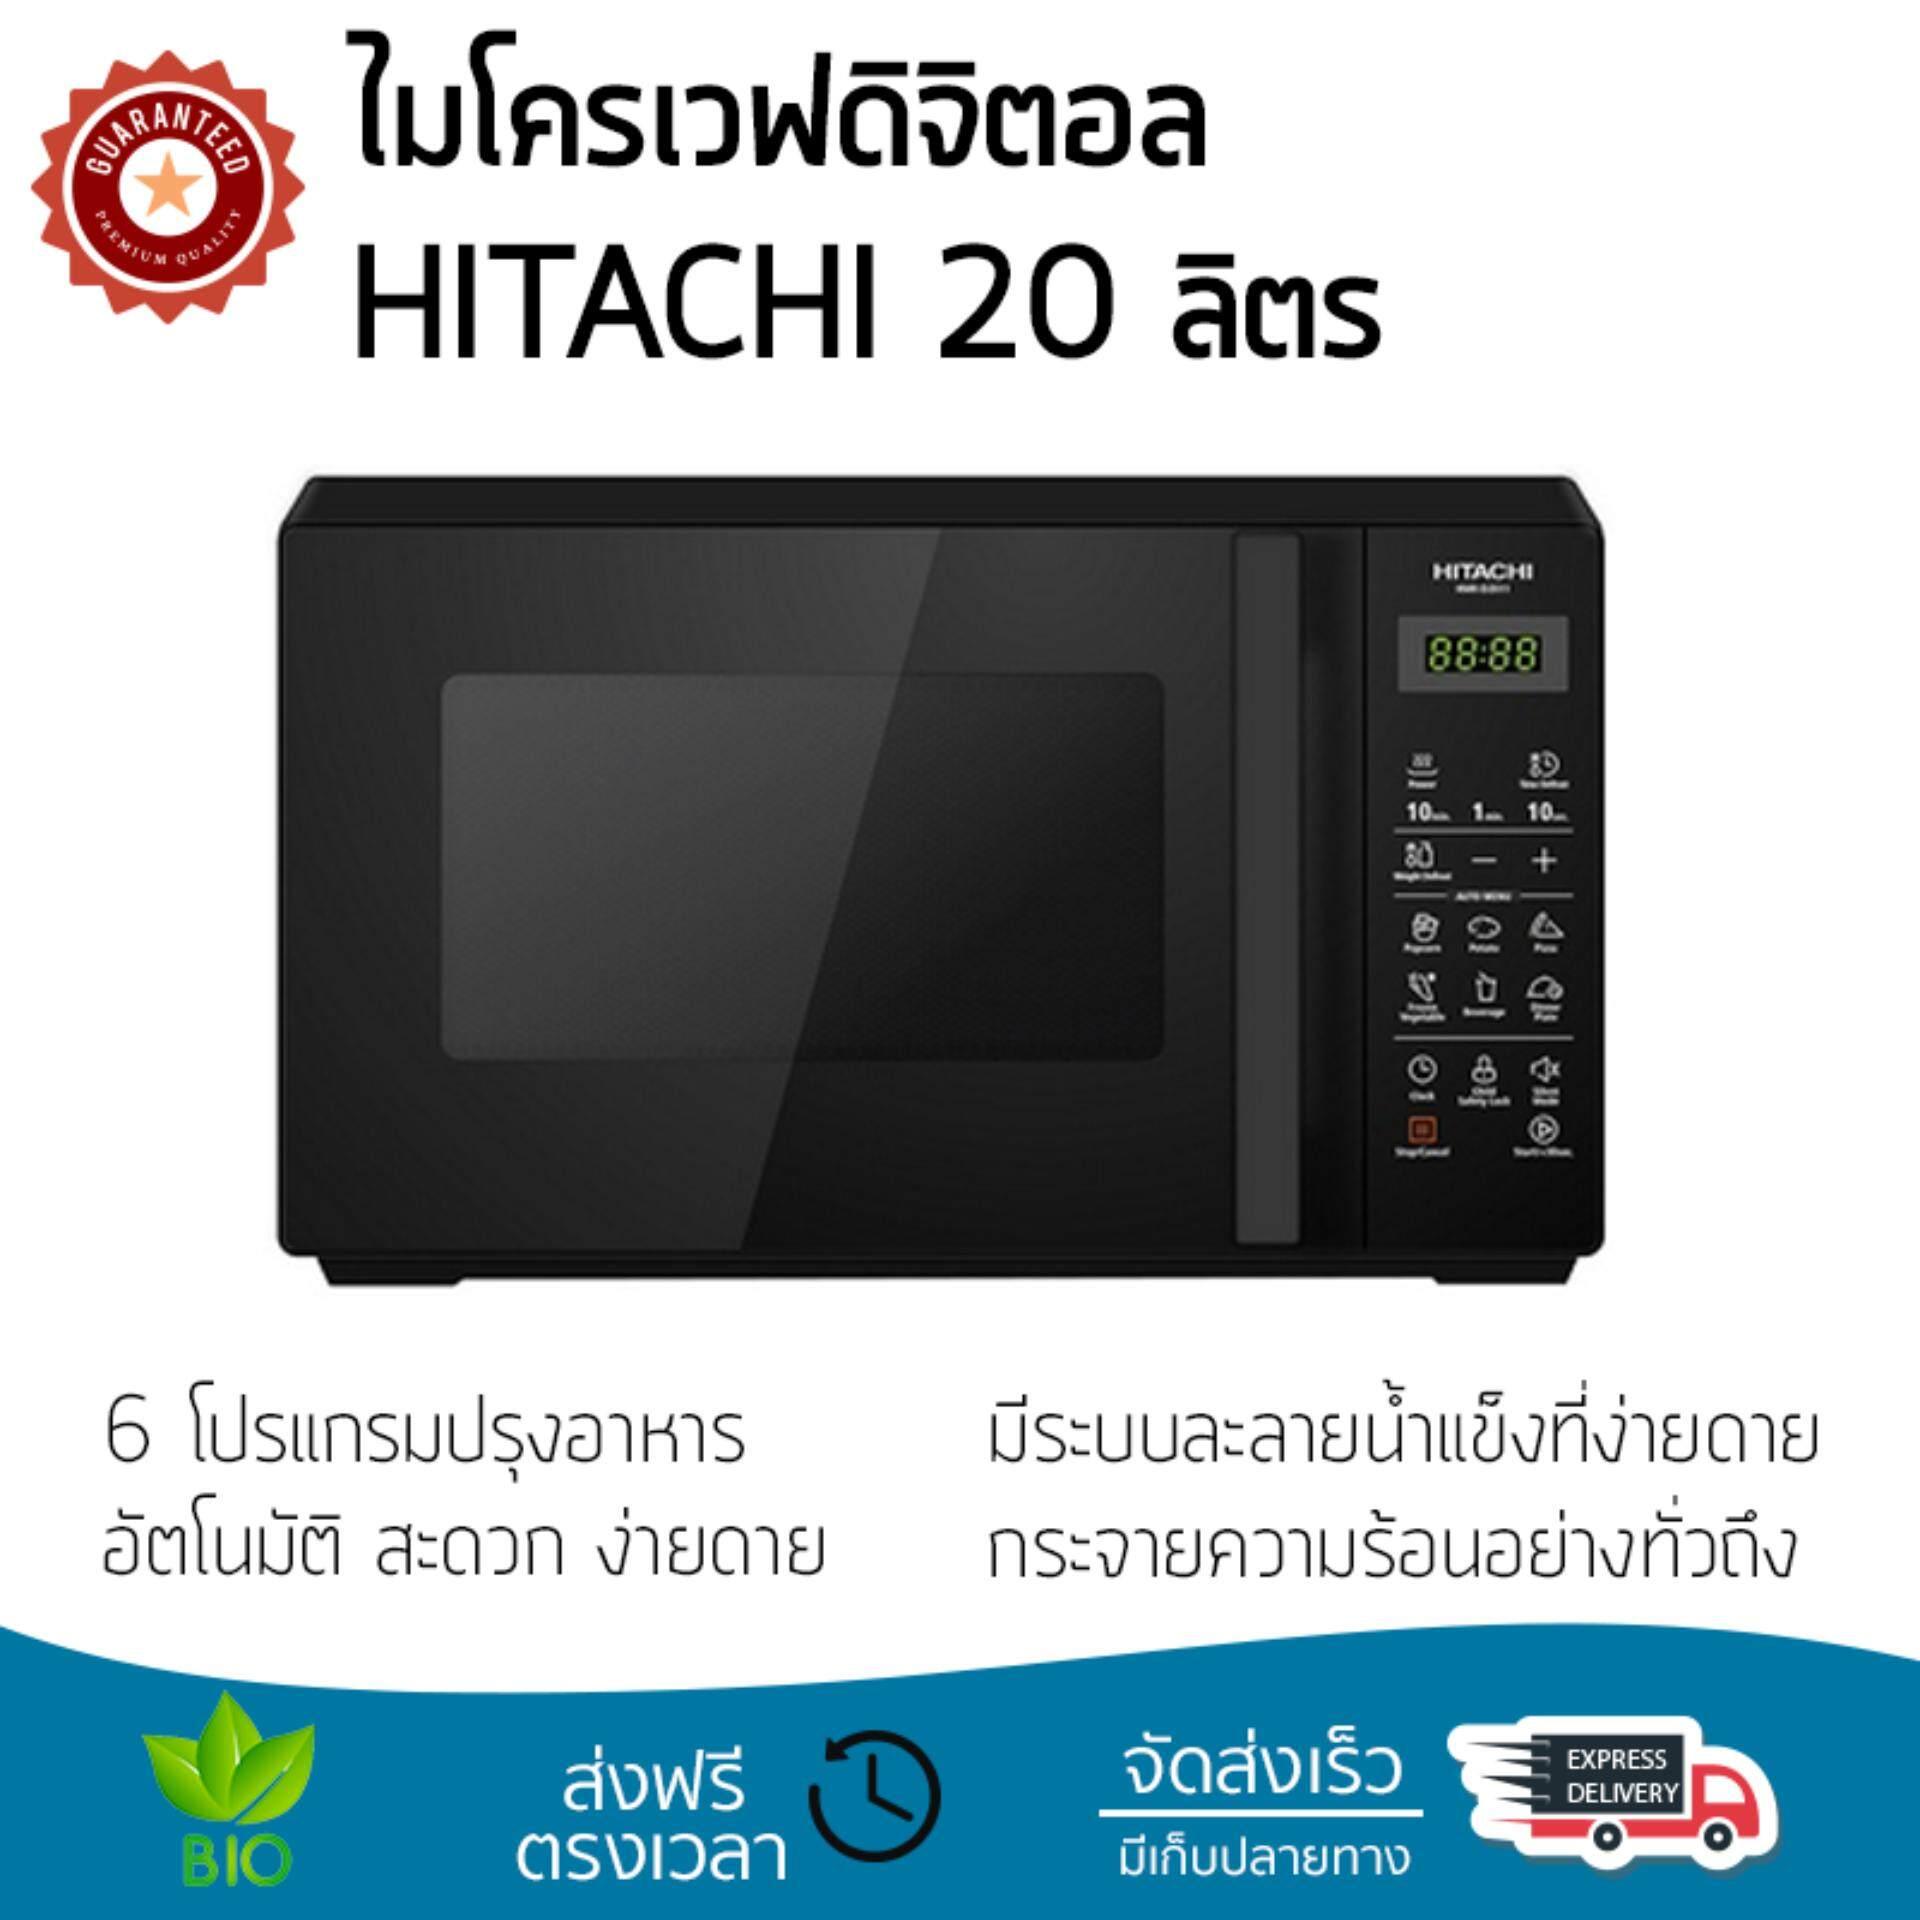 รุ่นใหม่ล่าสุด ไมโครเวฟ เตาอบไมโครเวฟ ไมโครเวฟดิจิตอล HITACHI HMR-D2011 20 ลิตร | HITACHI | HMR-D2011 ปรับระดับความร้อนได้หลายระดับ มีฟังก์ชันละลายน้ำแข็ง ใช้งานง่าย Microwave จัดส่งฟรีทั่วประเทศ